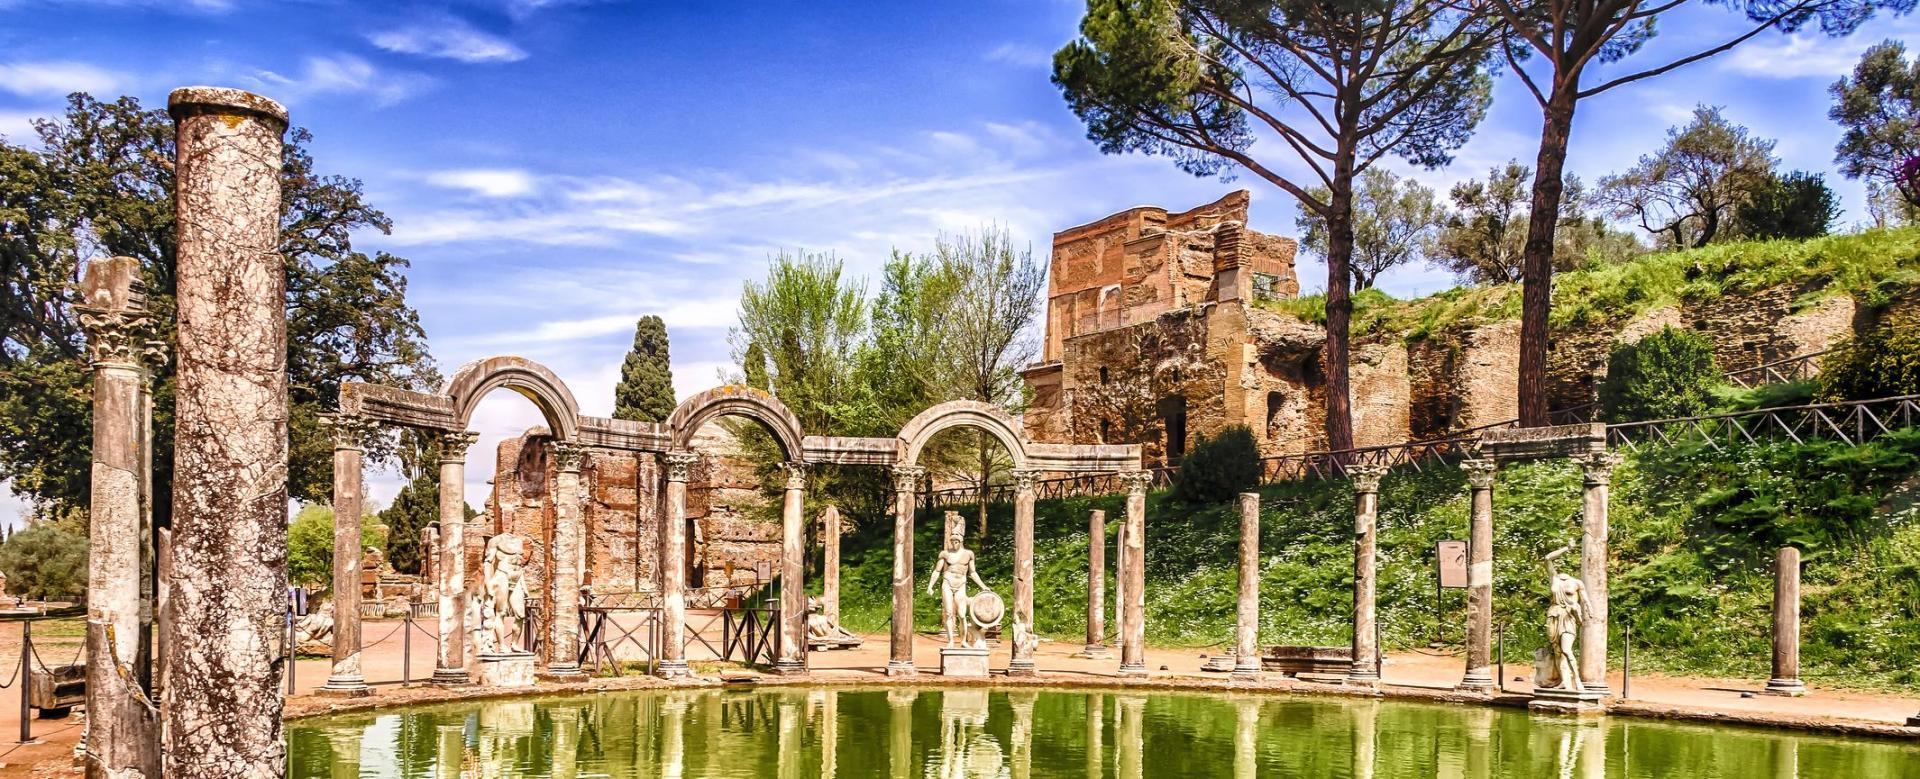 Voyage sur l'eau : Italie : Rome, des hommes et des dieux